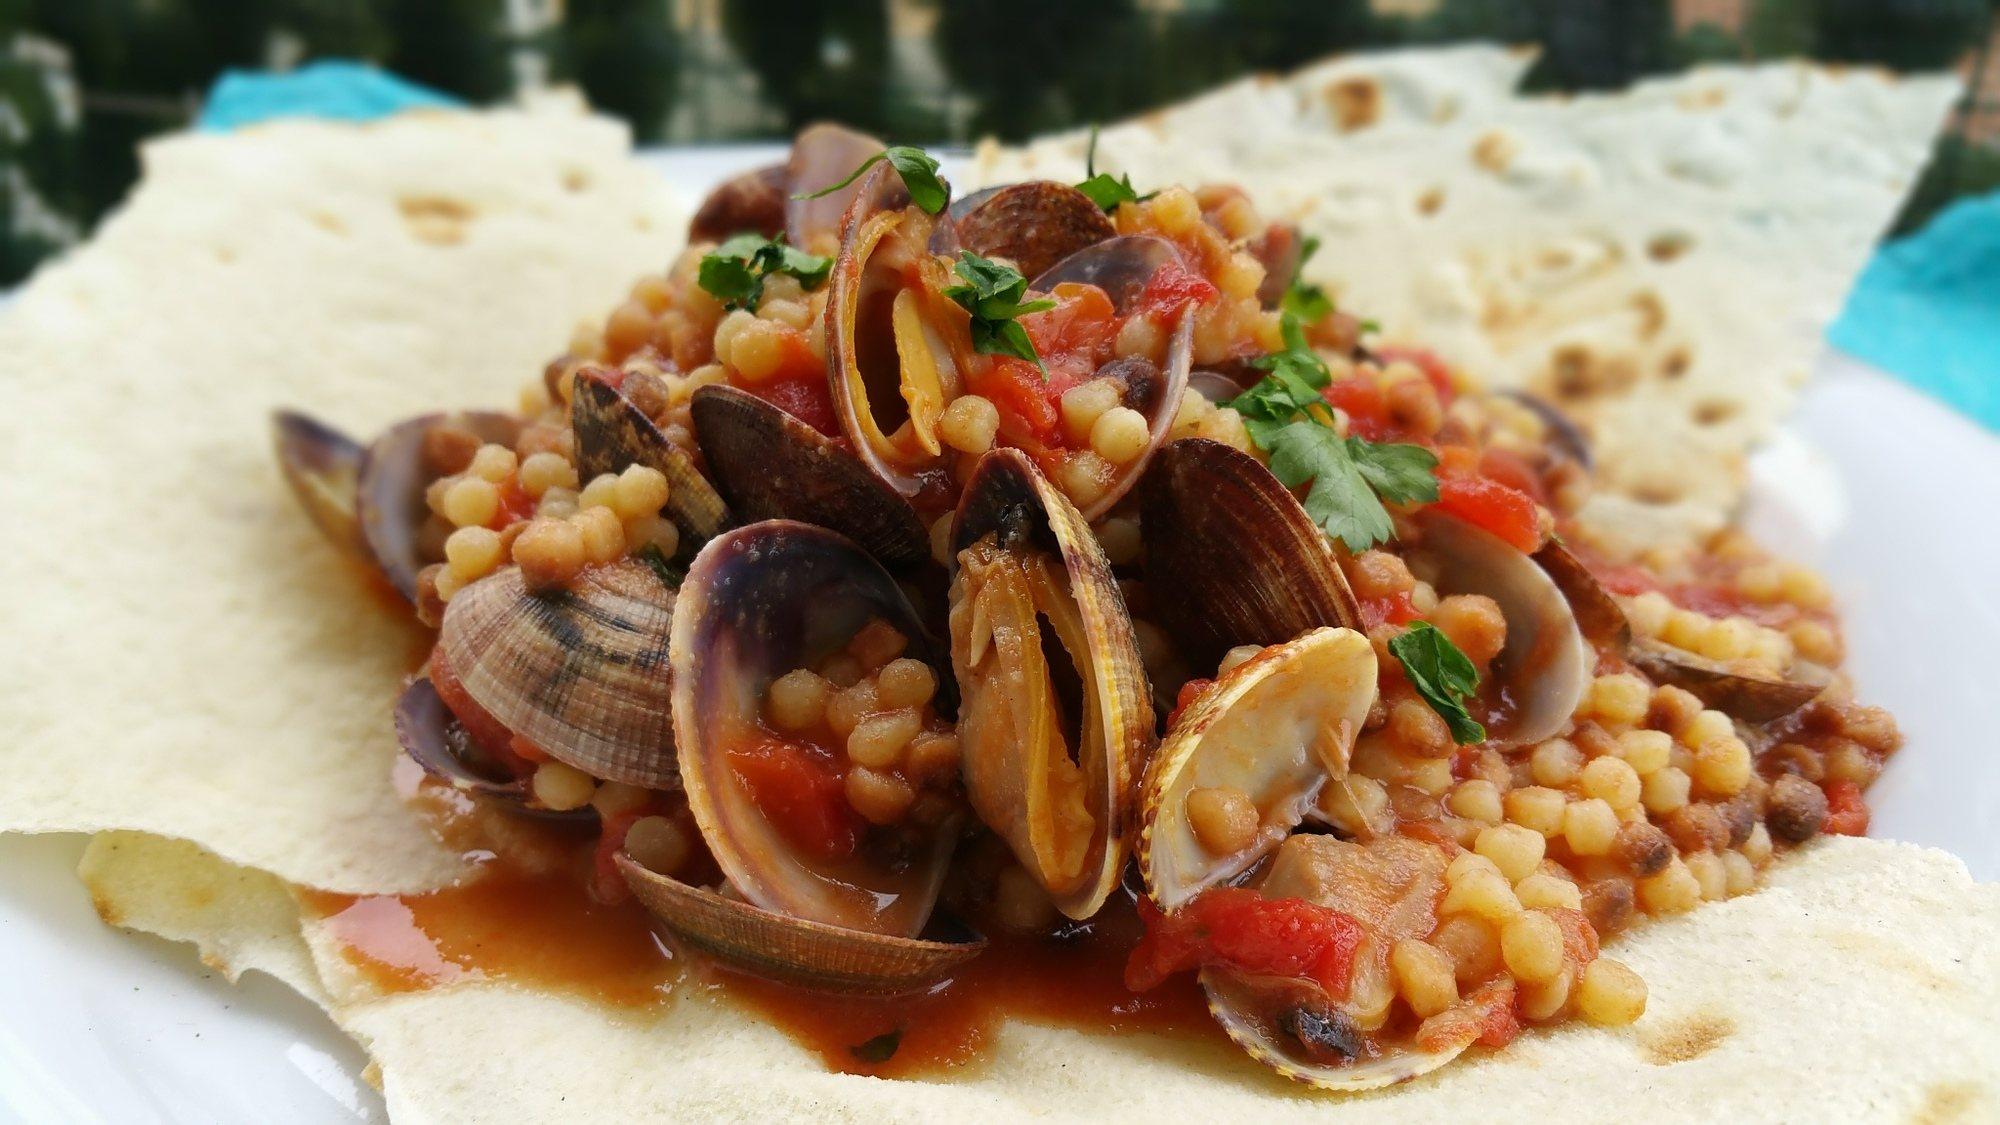 Cucina sarda i piatti tipici del sud sardegna hotel for Cucina cinese piatti tipici